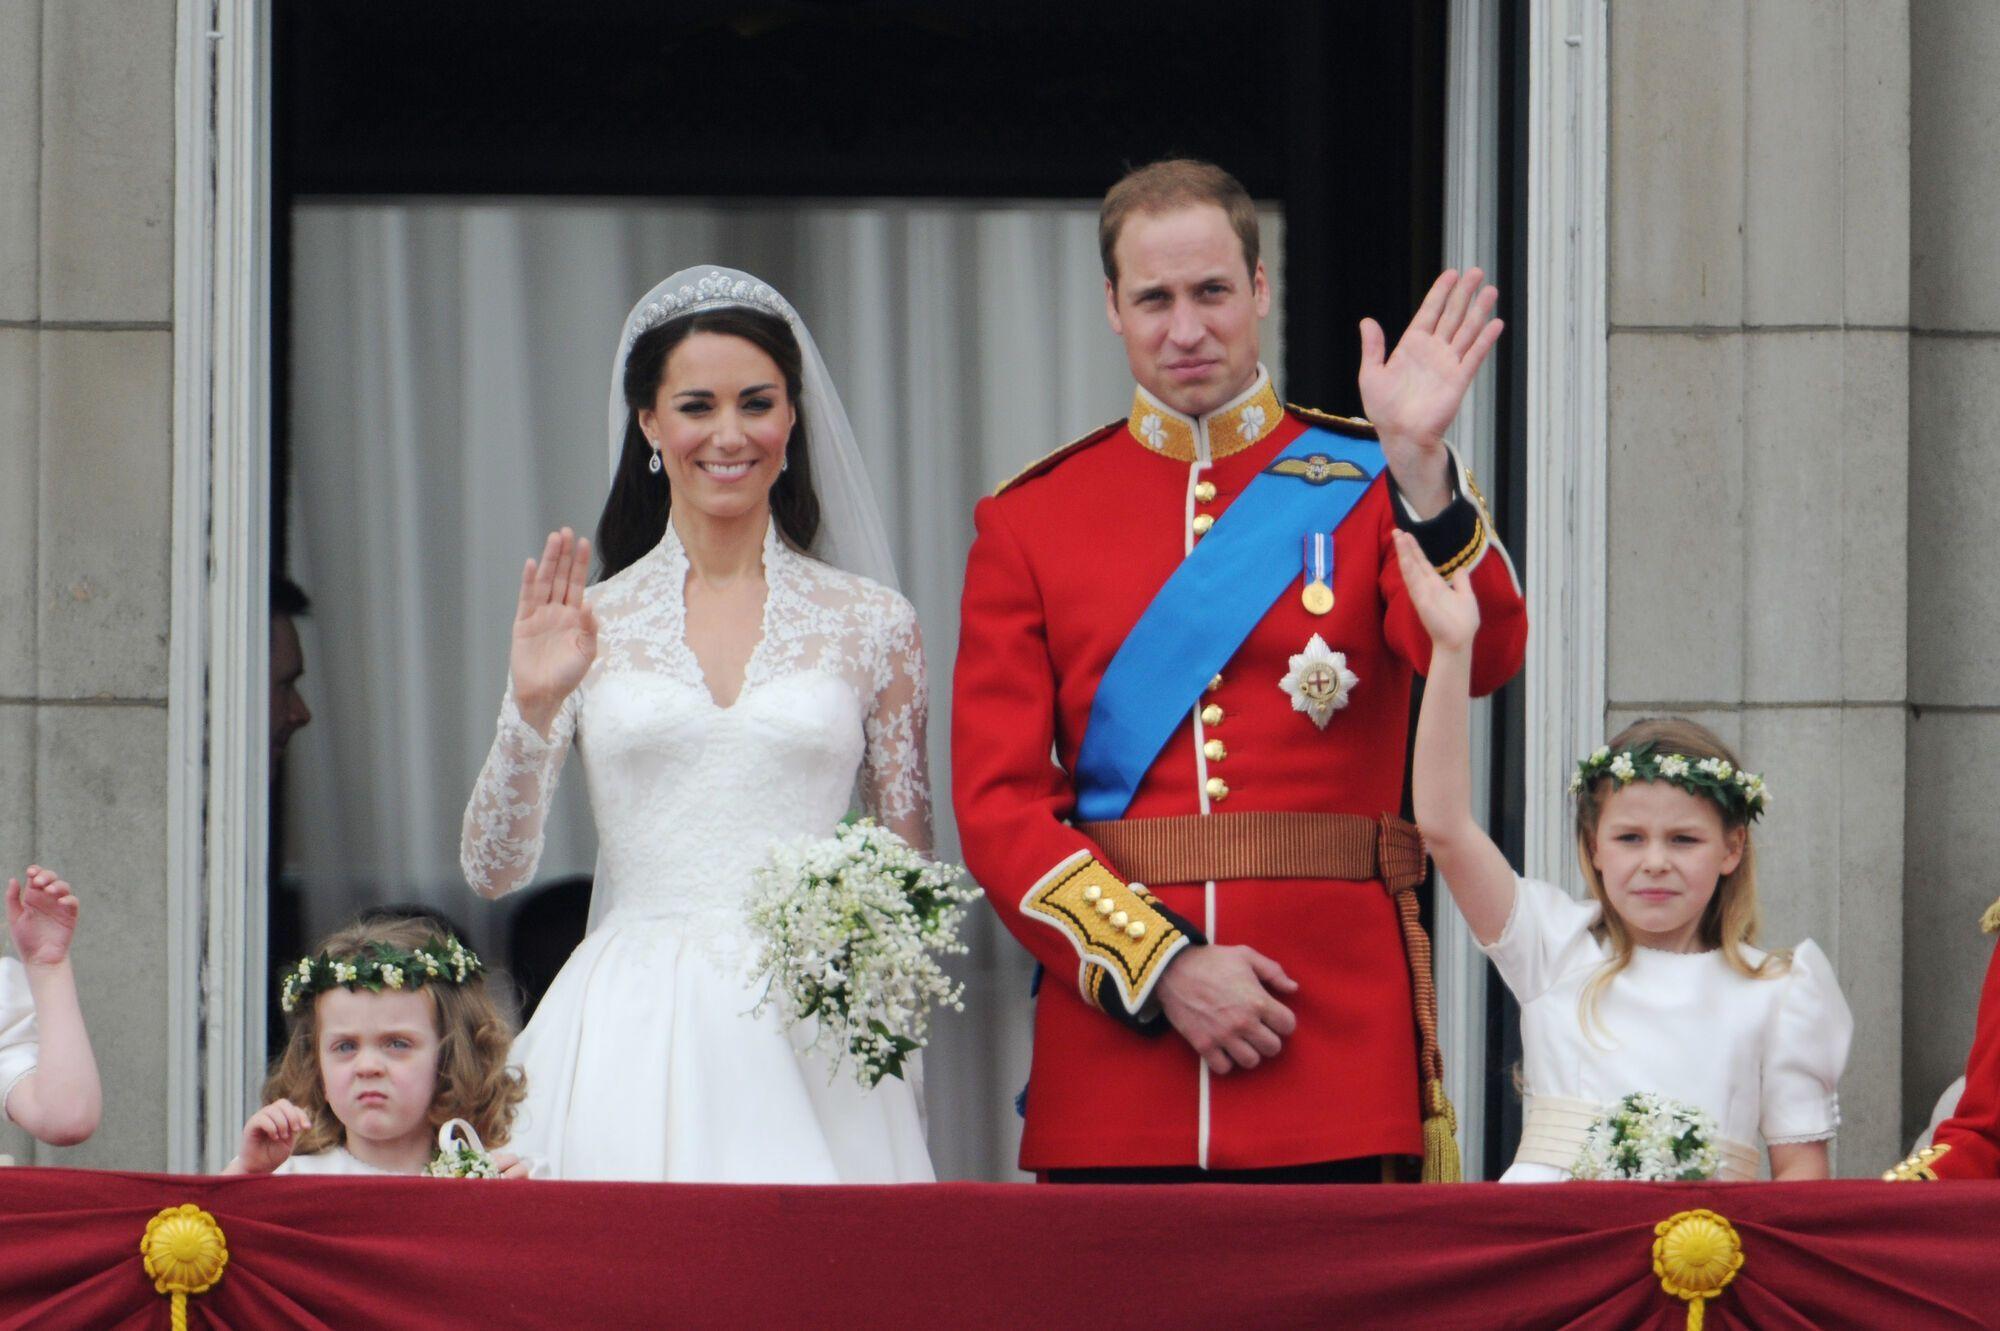 Свадьба герцога и герцогини Кембриджских была одной из самых роскошных в Британской монархии